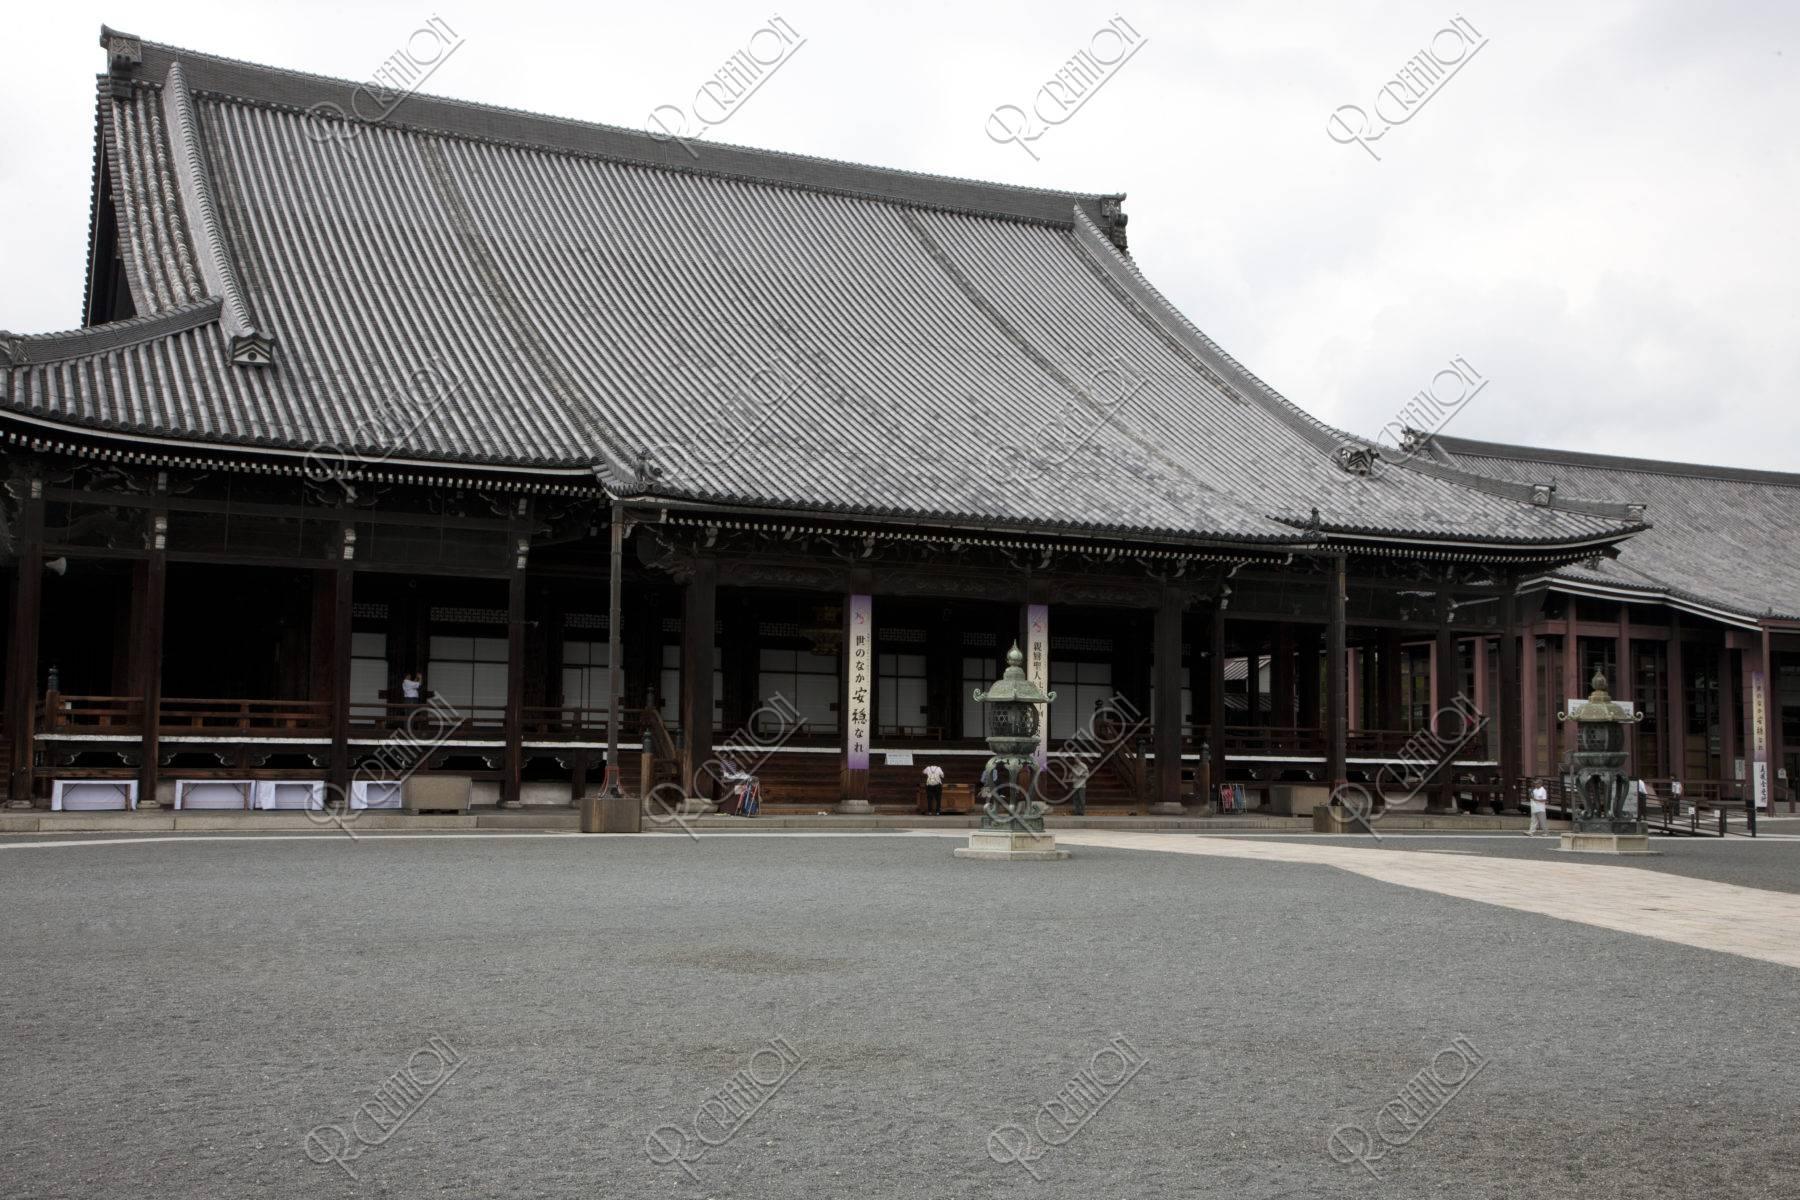 西本願寺 阿弥陀堂 世界遺産